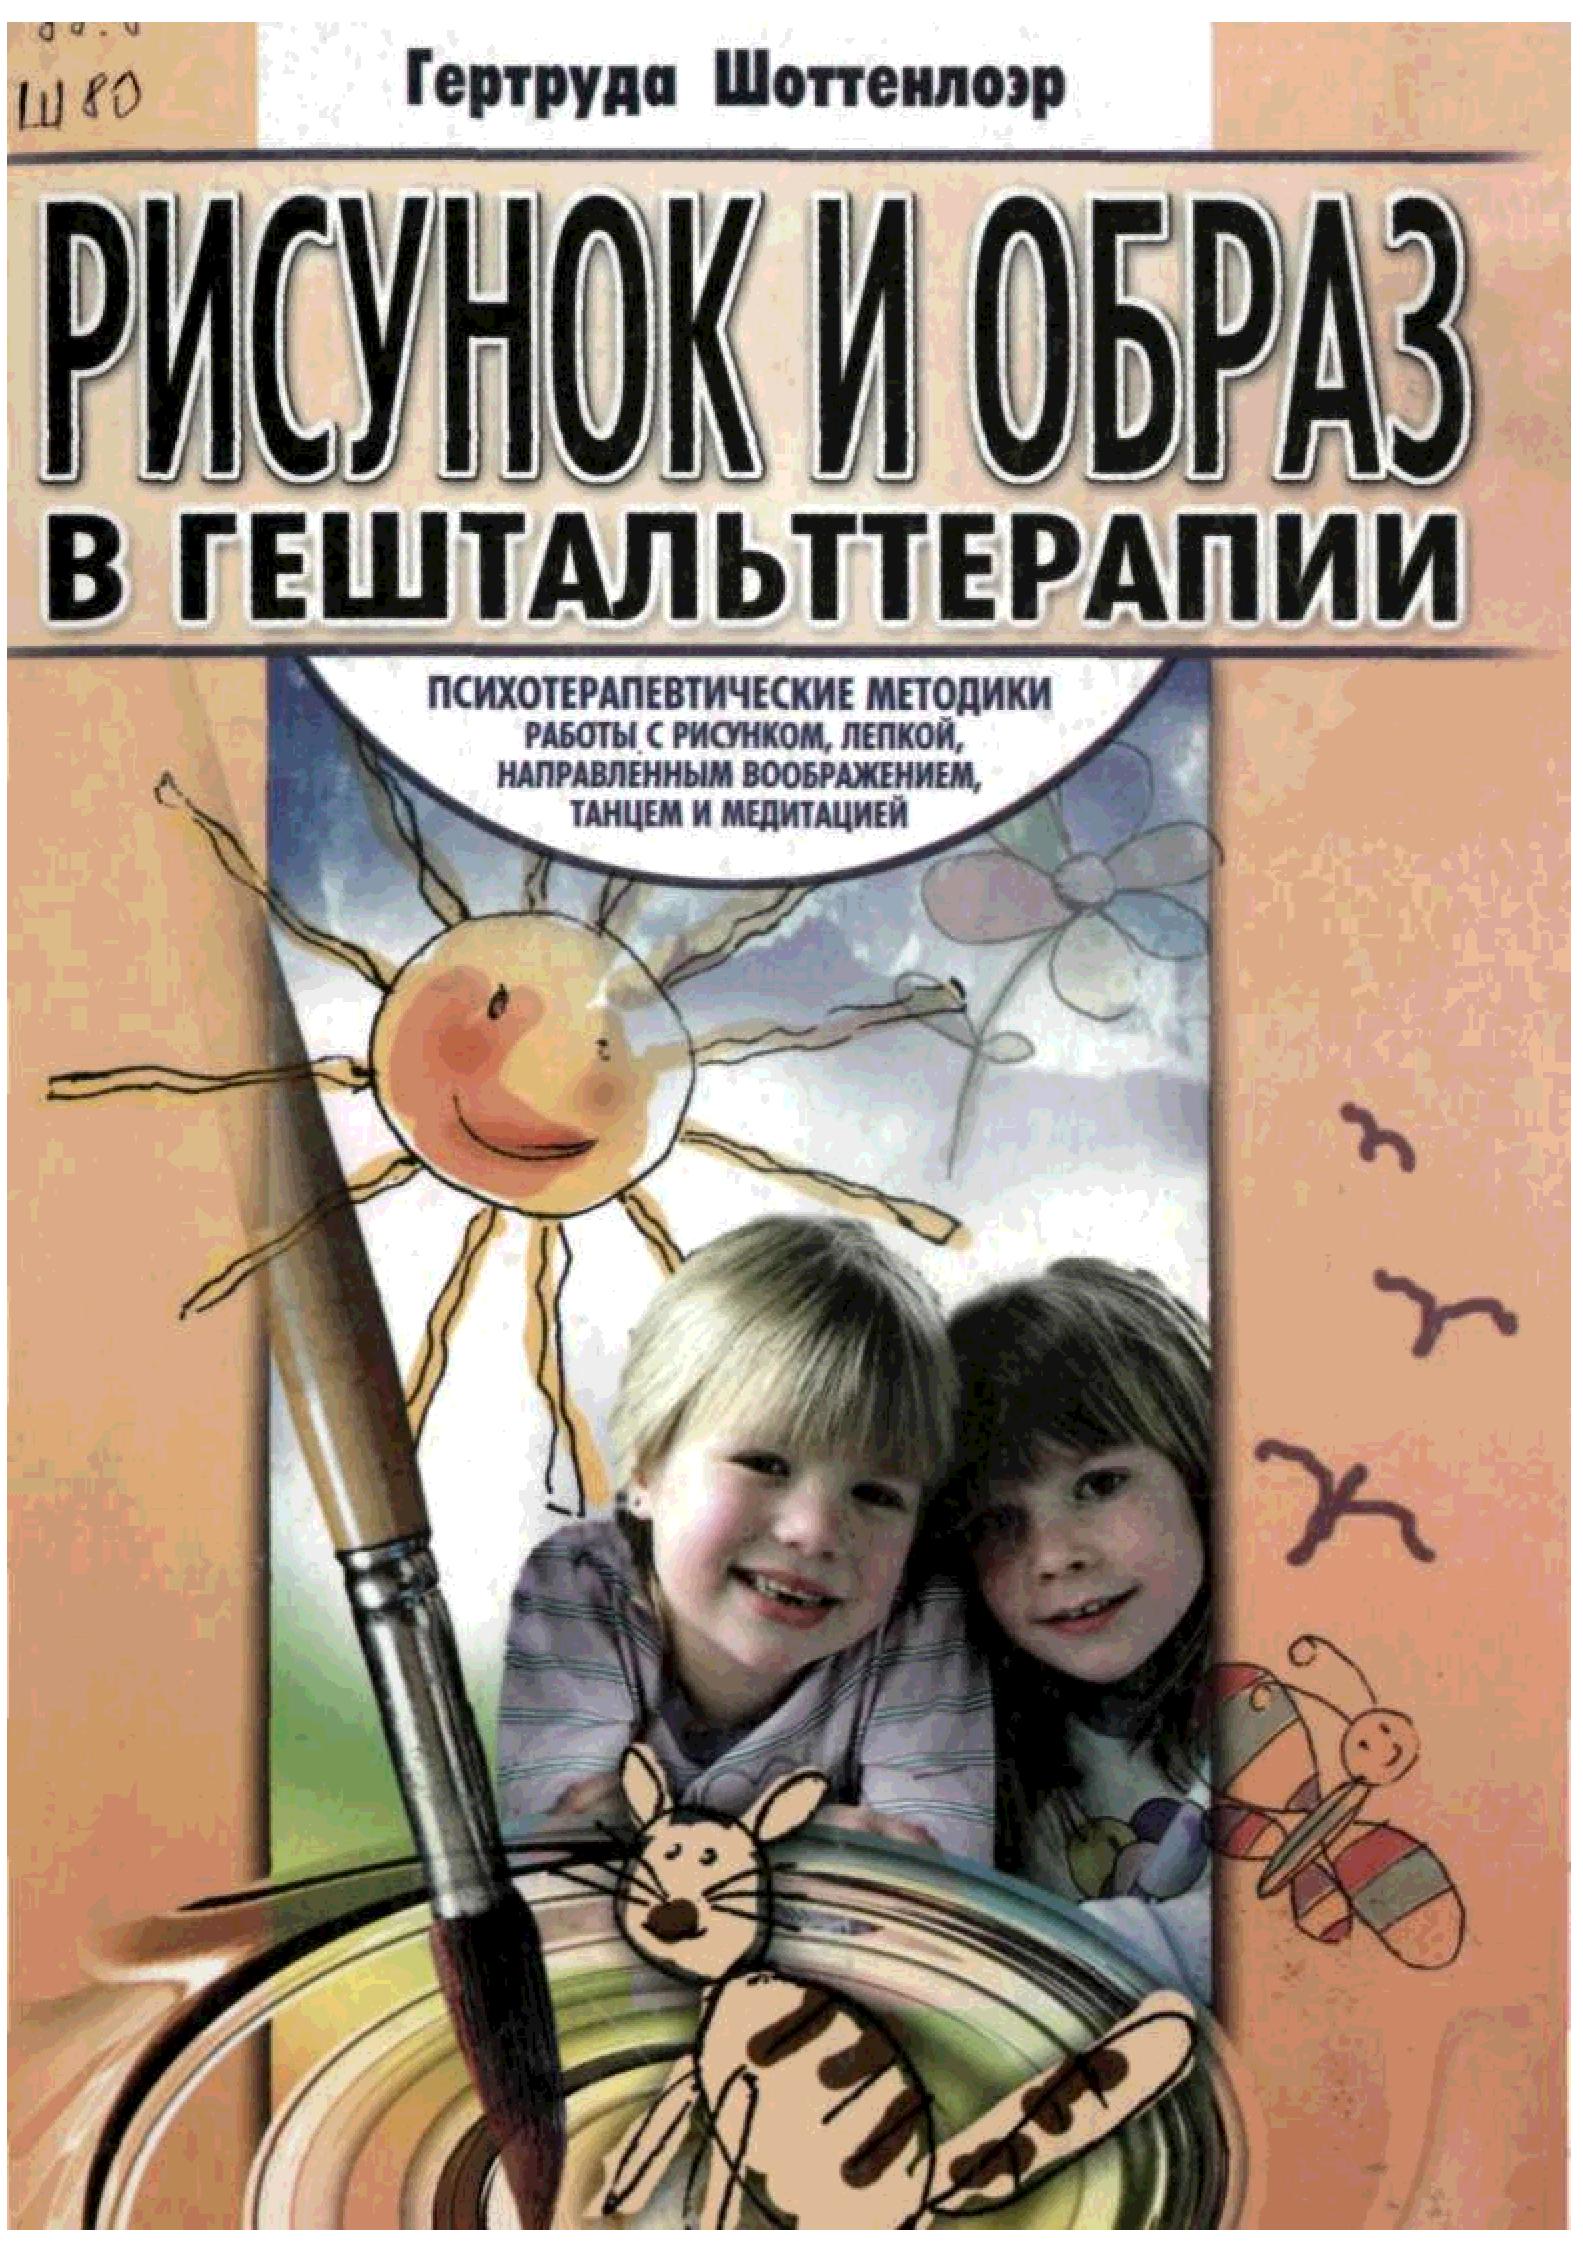 martel-b-seksualnost-lyubov-i-geshtalt